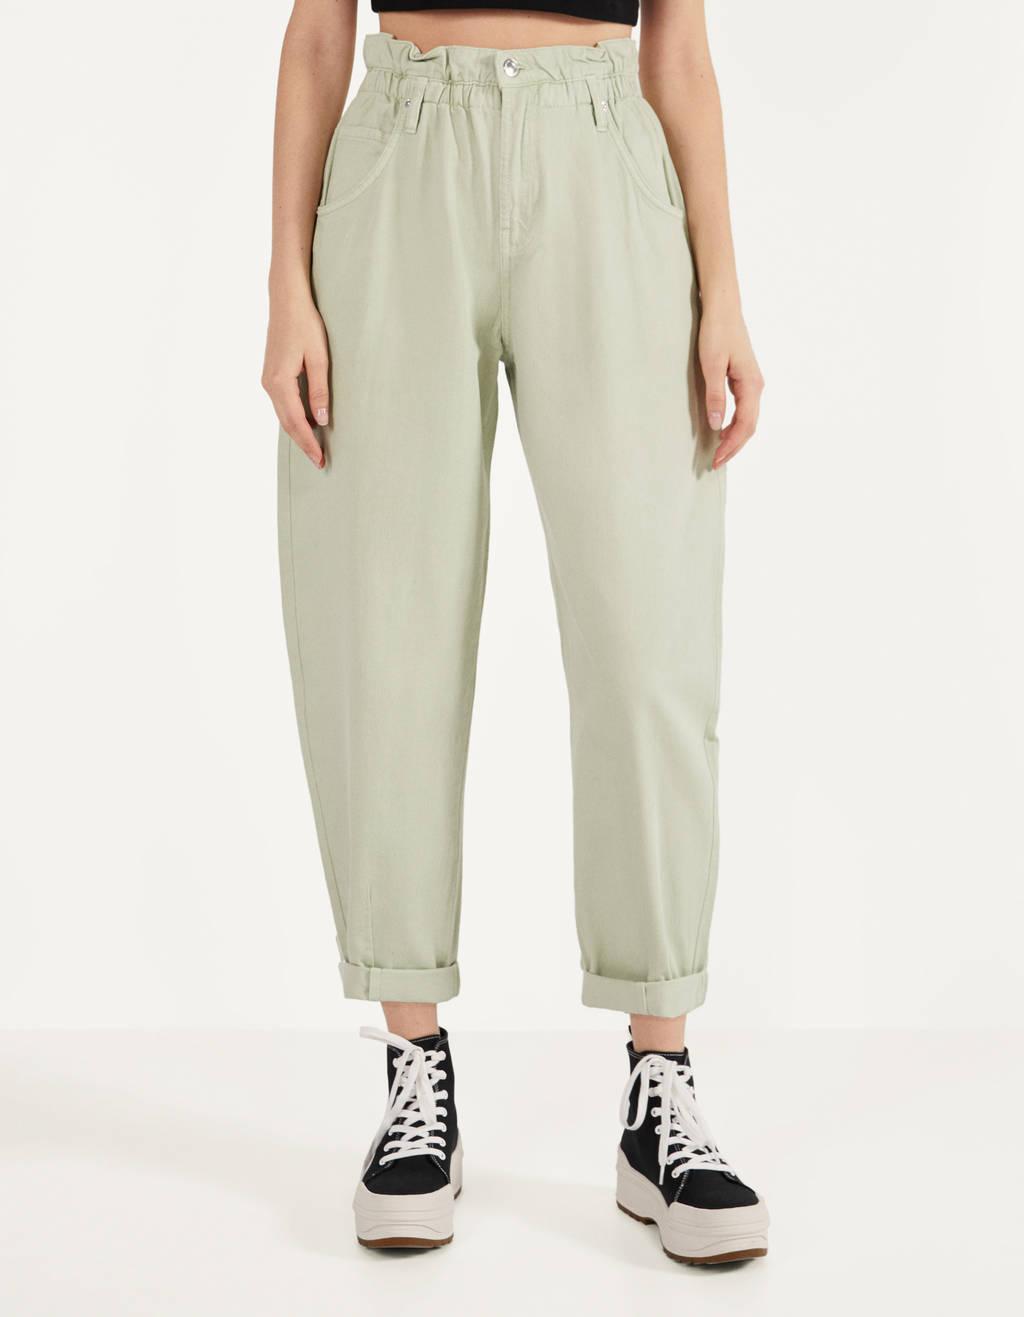 Παντελόνι slouchy με λάστιχο στη μέση